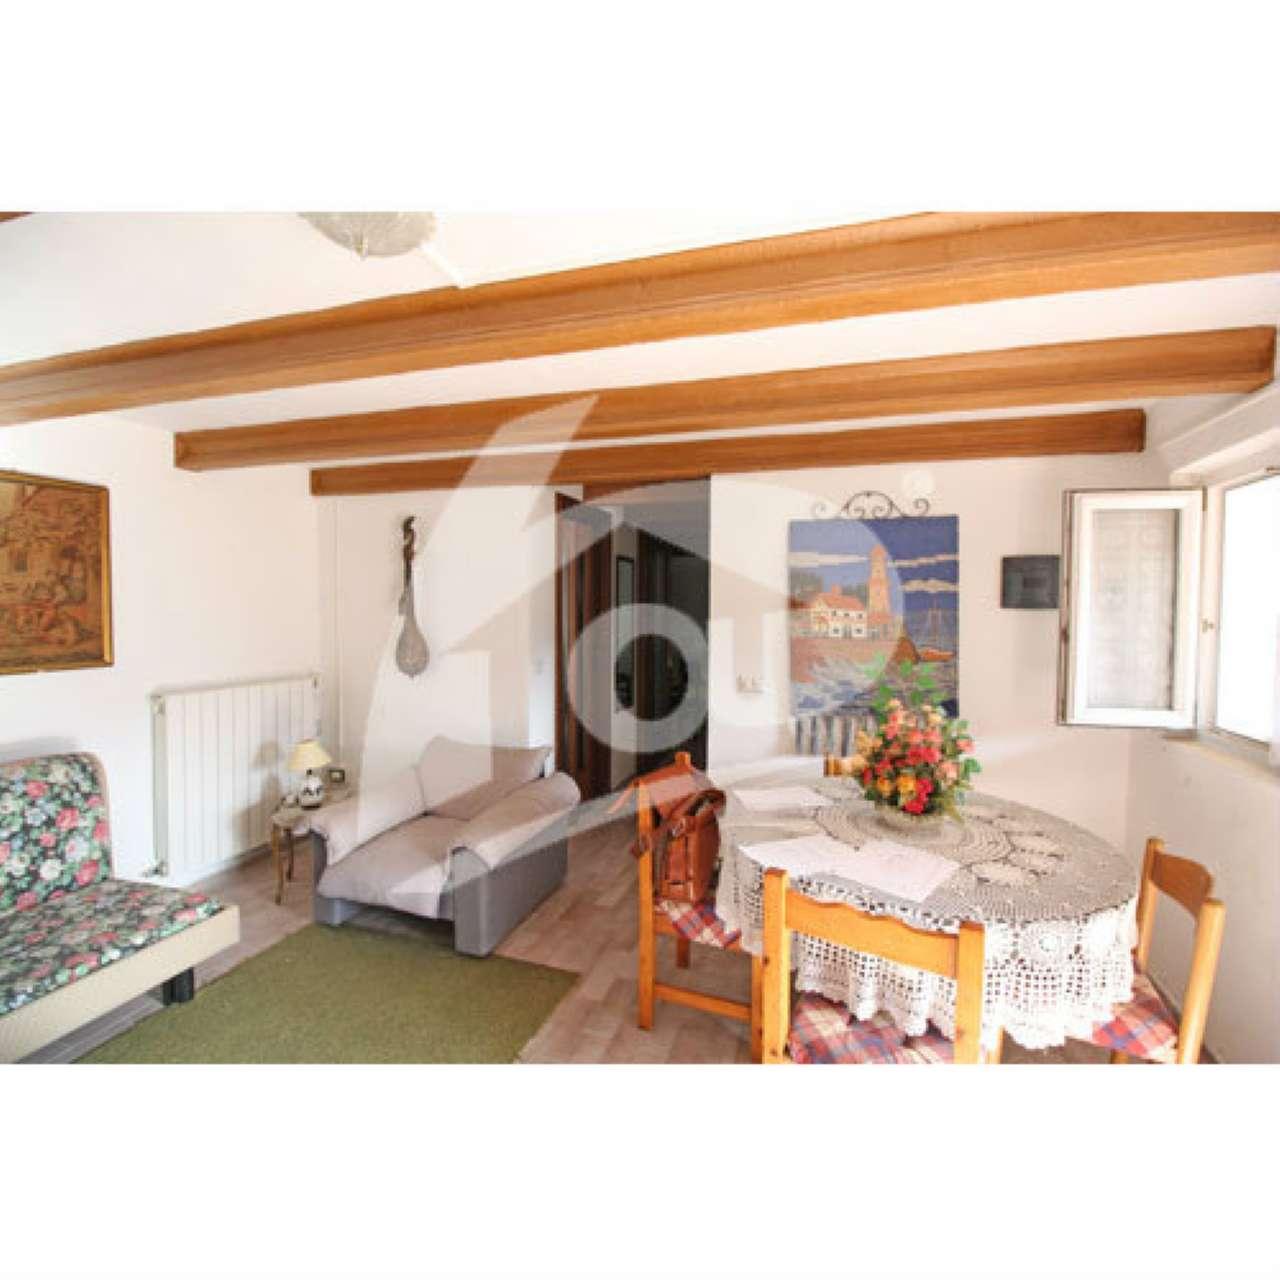 Appartamento in vendita a Casalzuigno, 2 locali, prezzo € 50.000 | Cambio Casa.it